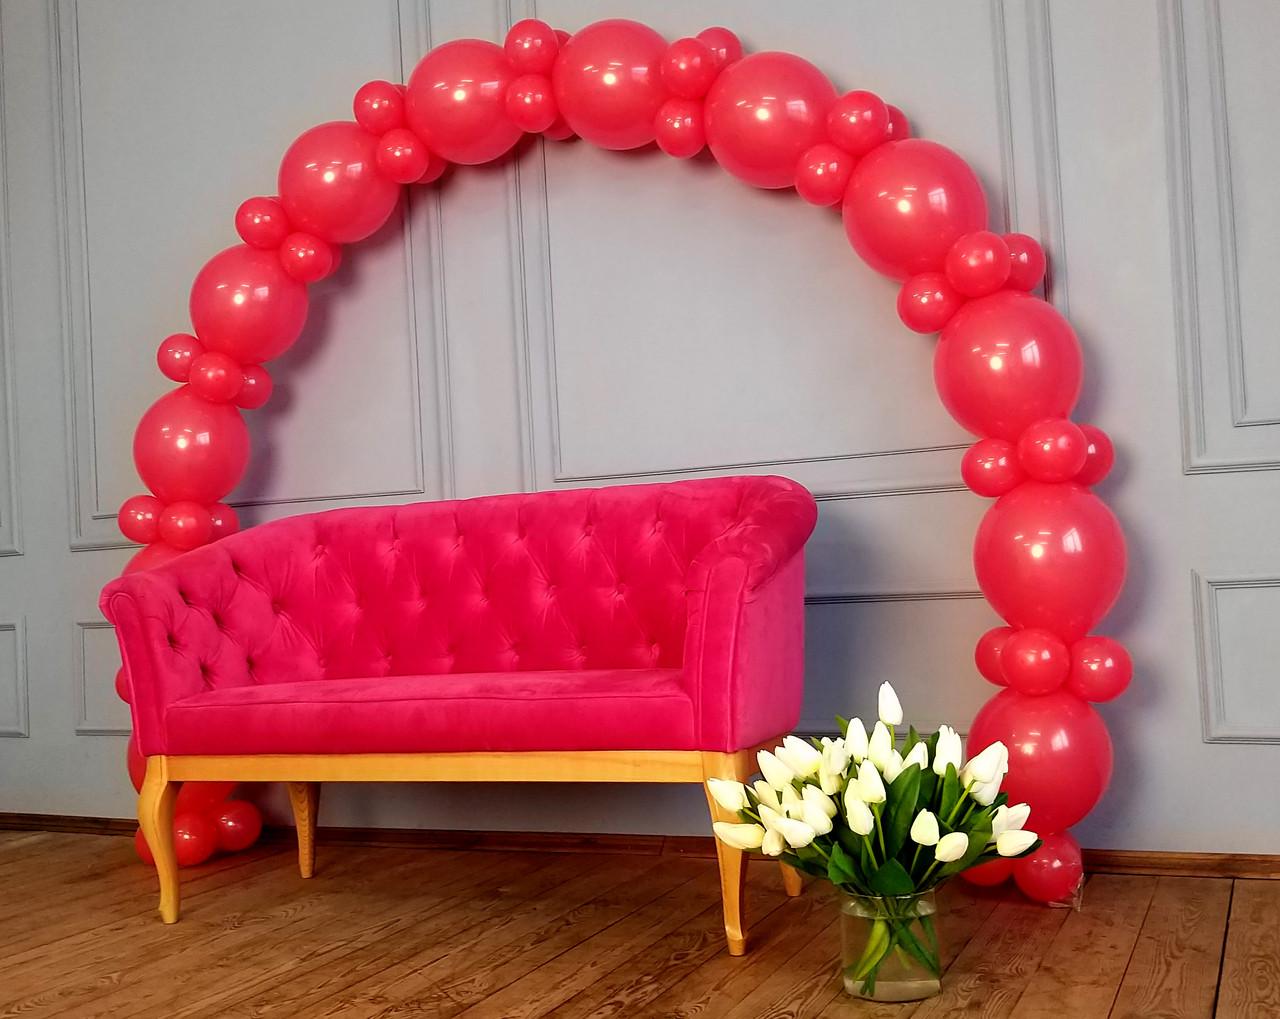 Арка из воздушных шариков (красная) / длина 4 м 40 см для украшения праздника